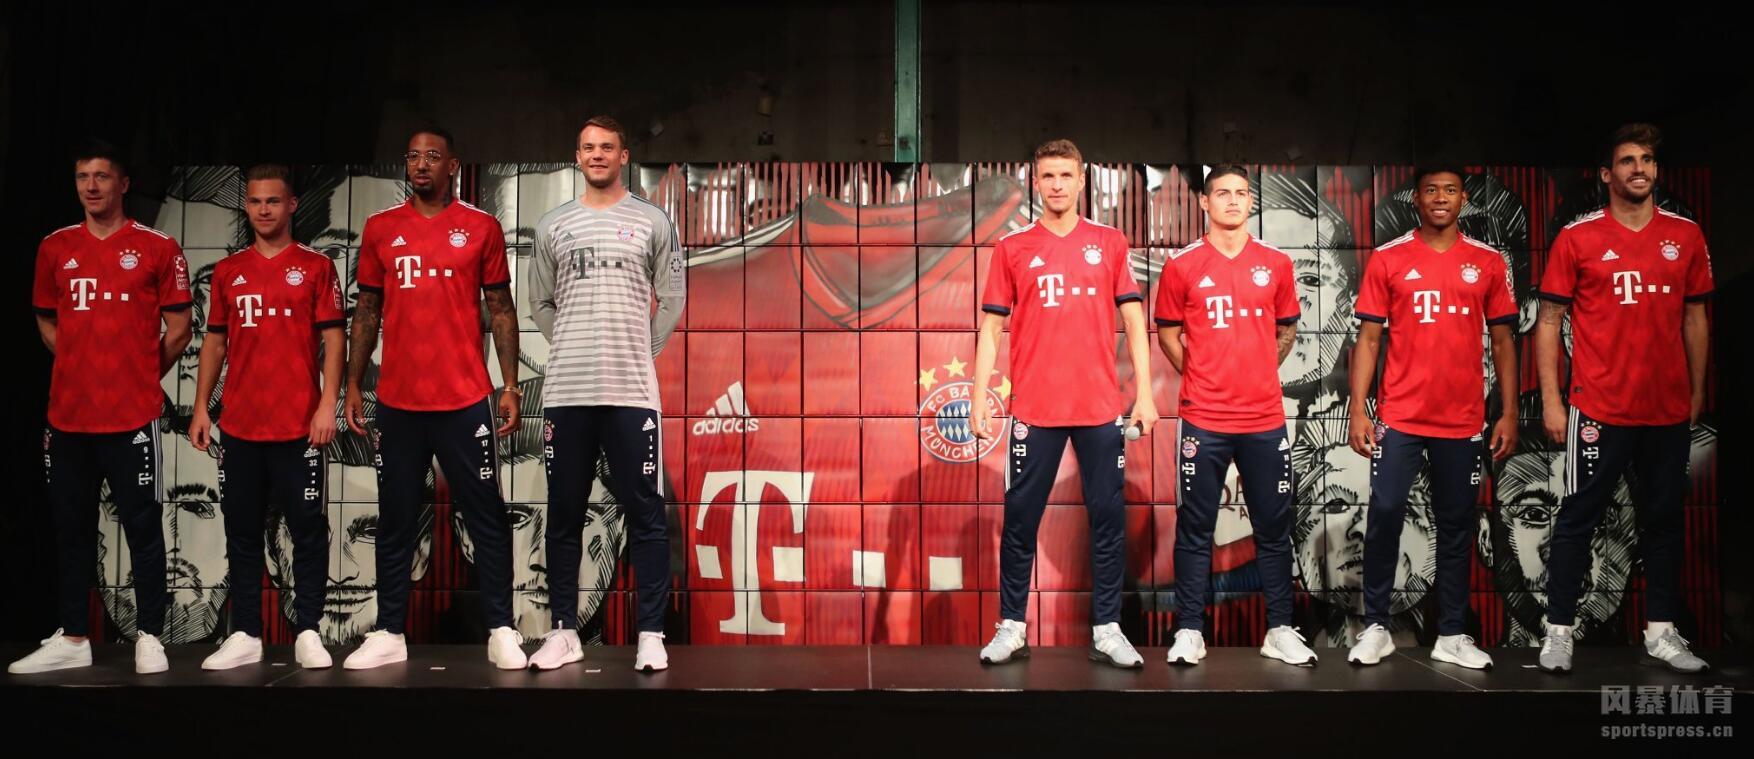 拜仁慕尼黑发布18/19赛季主场球衣